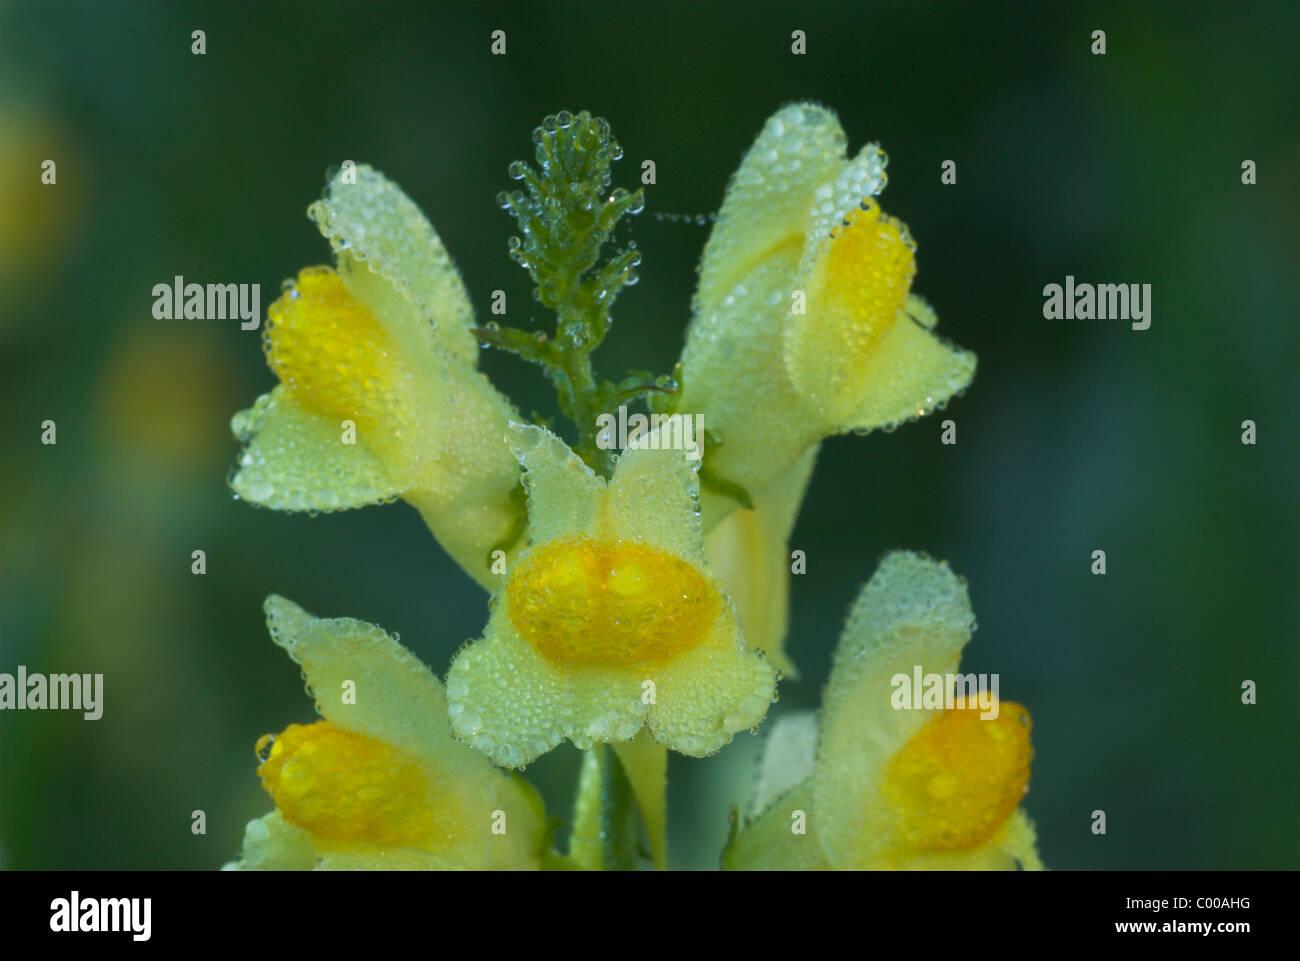 Gemeines Leinkraut, Echtes Leinkraut, Kleines Loewenmaul, Bluetenstand, Linaria vulgaris, Common Toadflax, Blossom Stock Photo